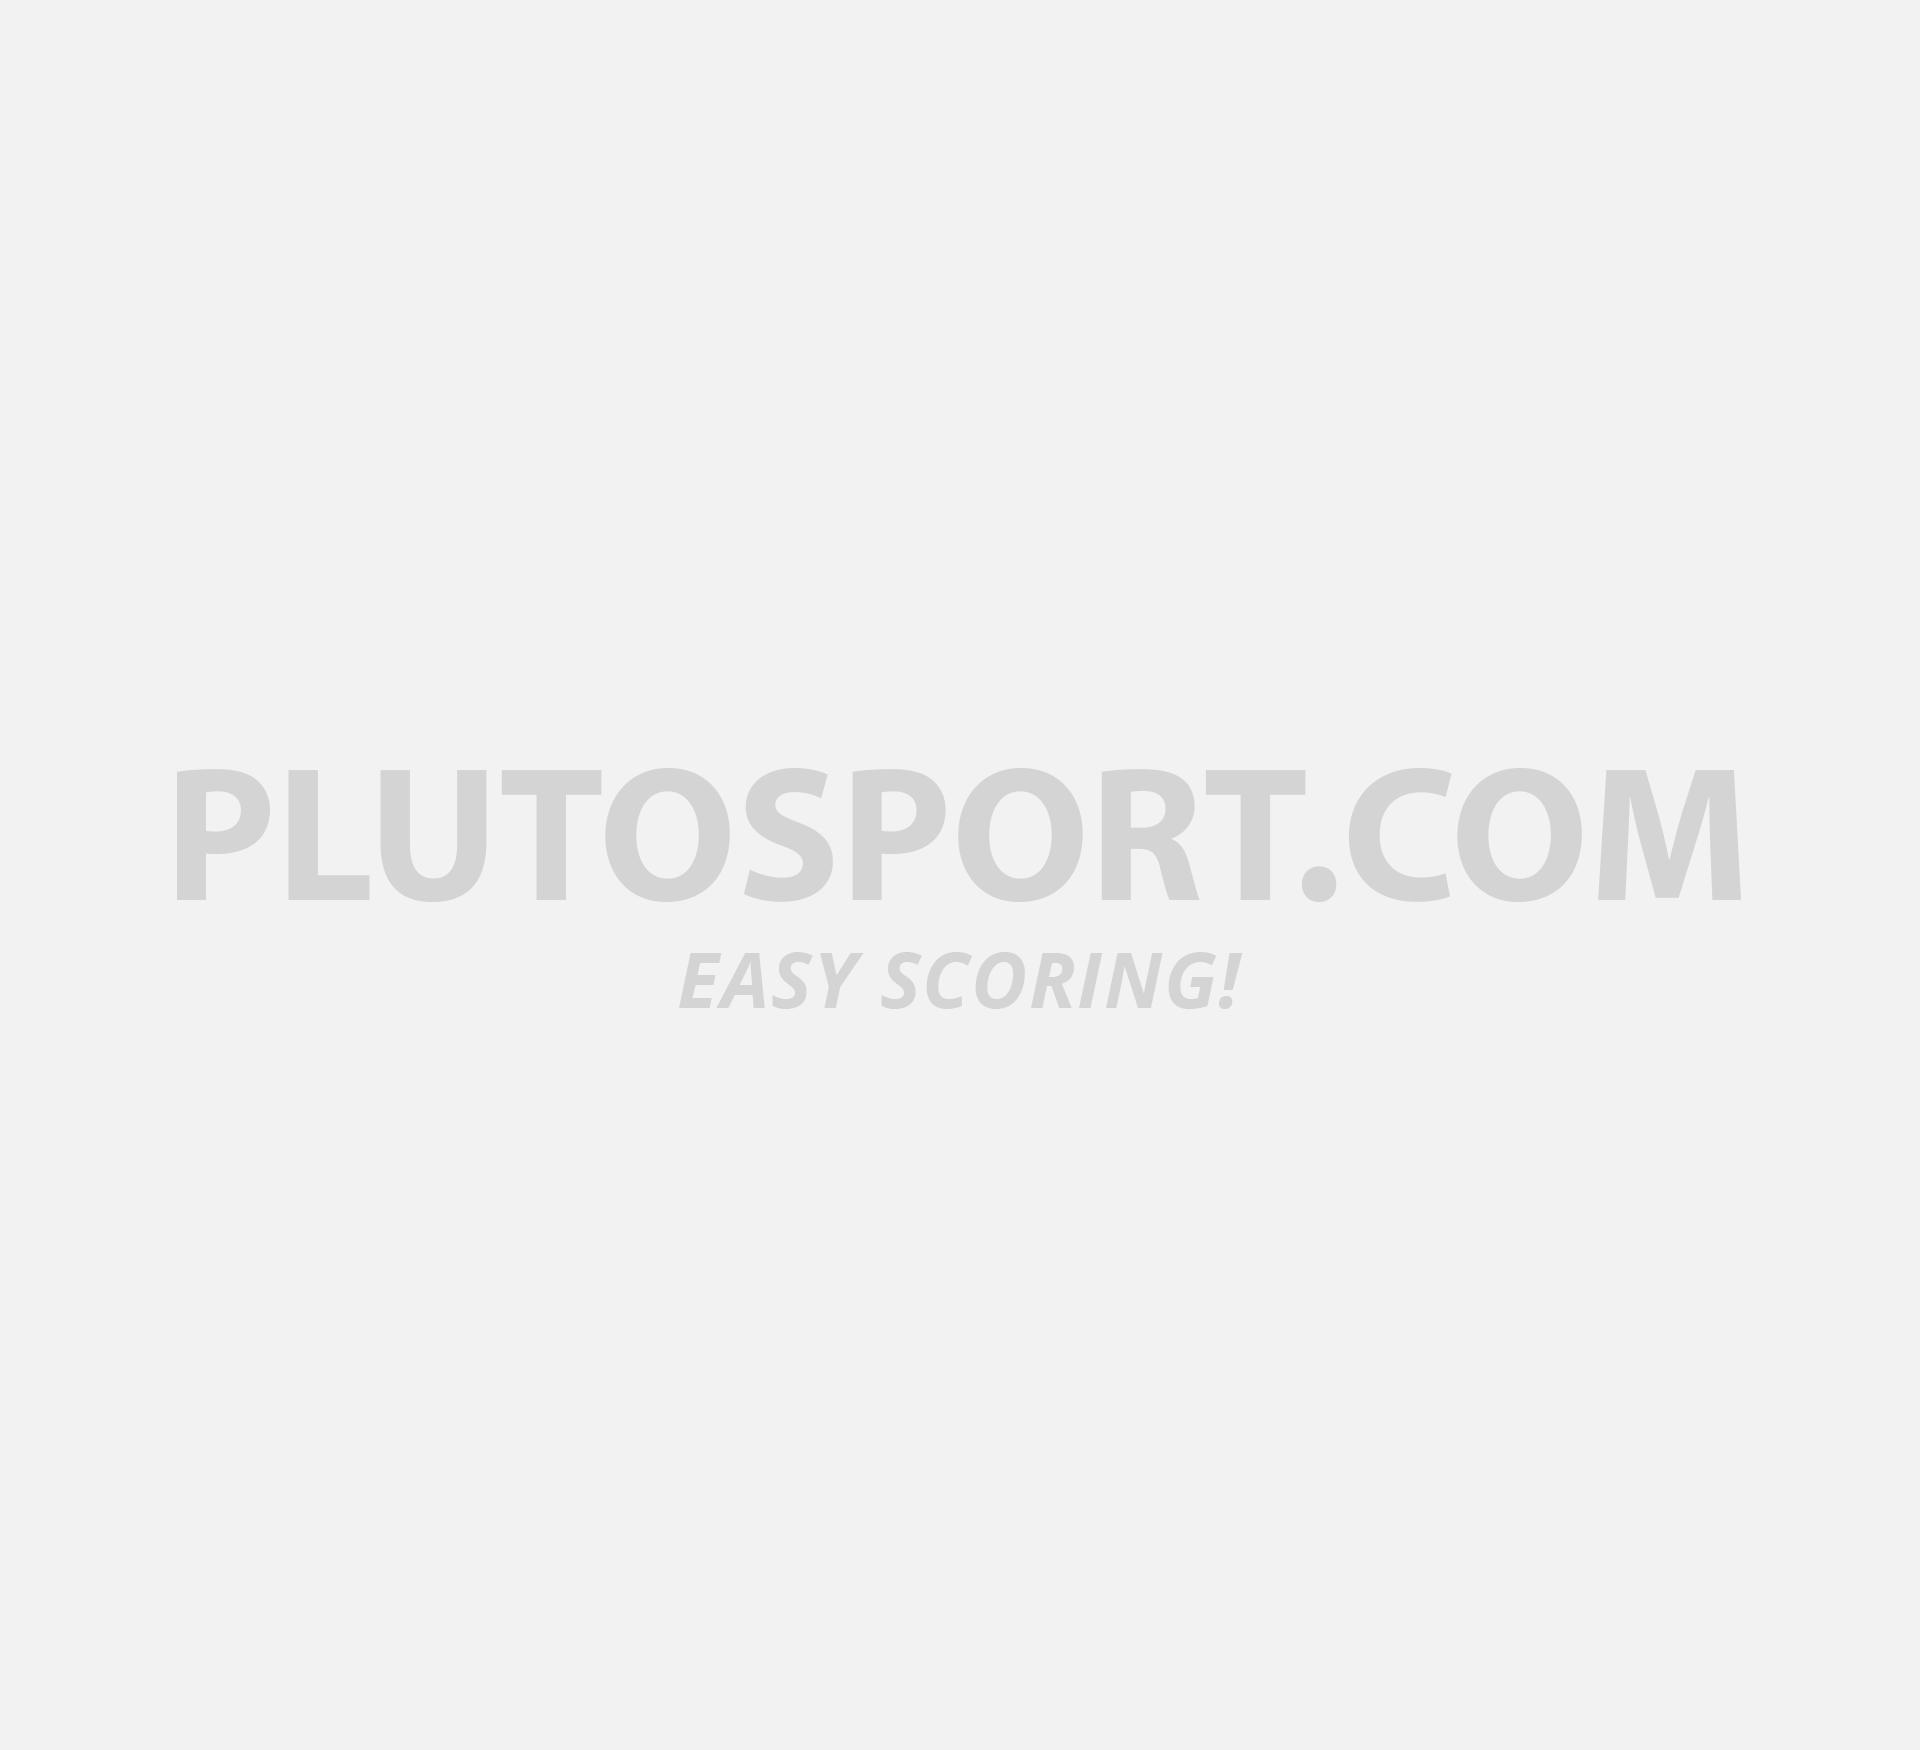 Vans Salton Hat - Caps - Accessories - Lifestyle - Sports  3b569217914